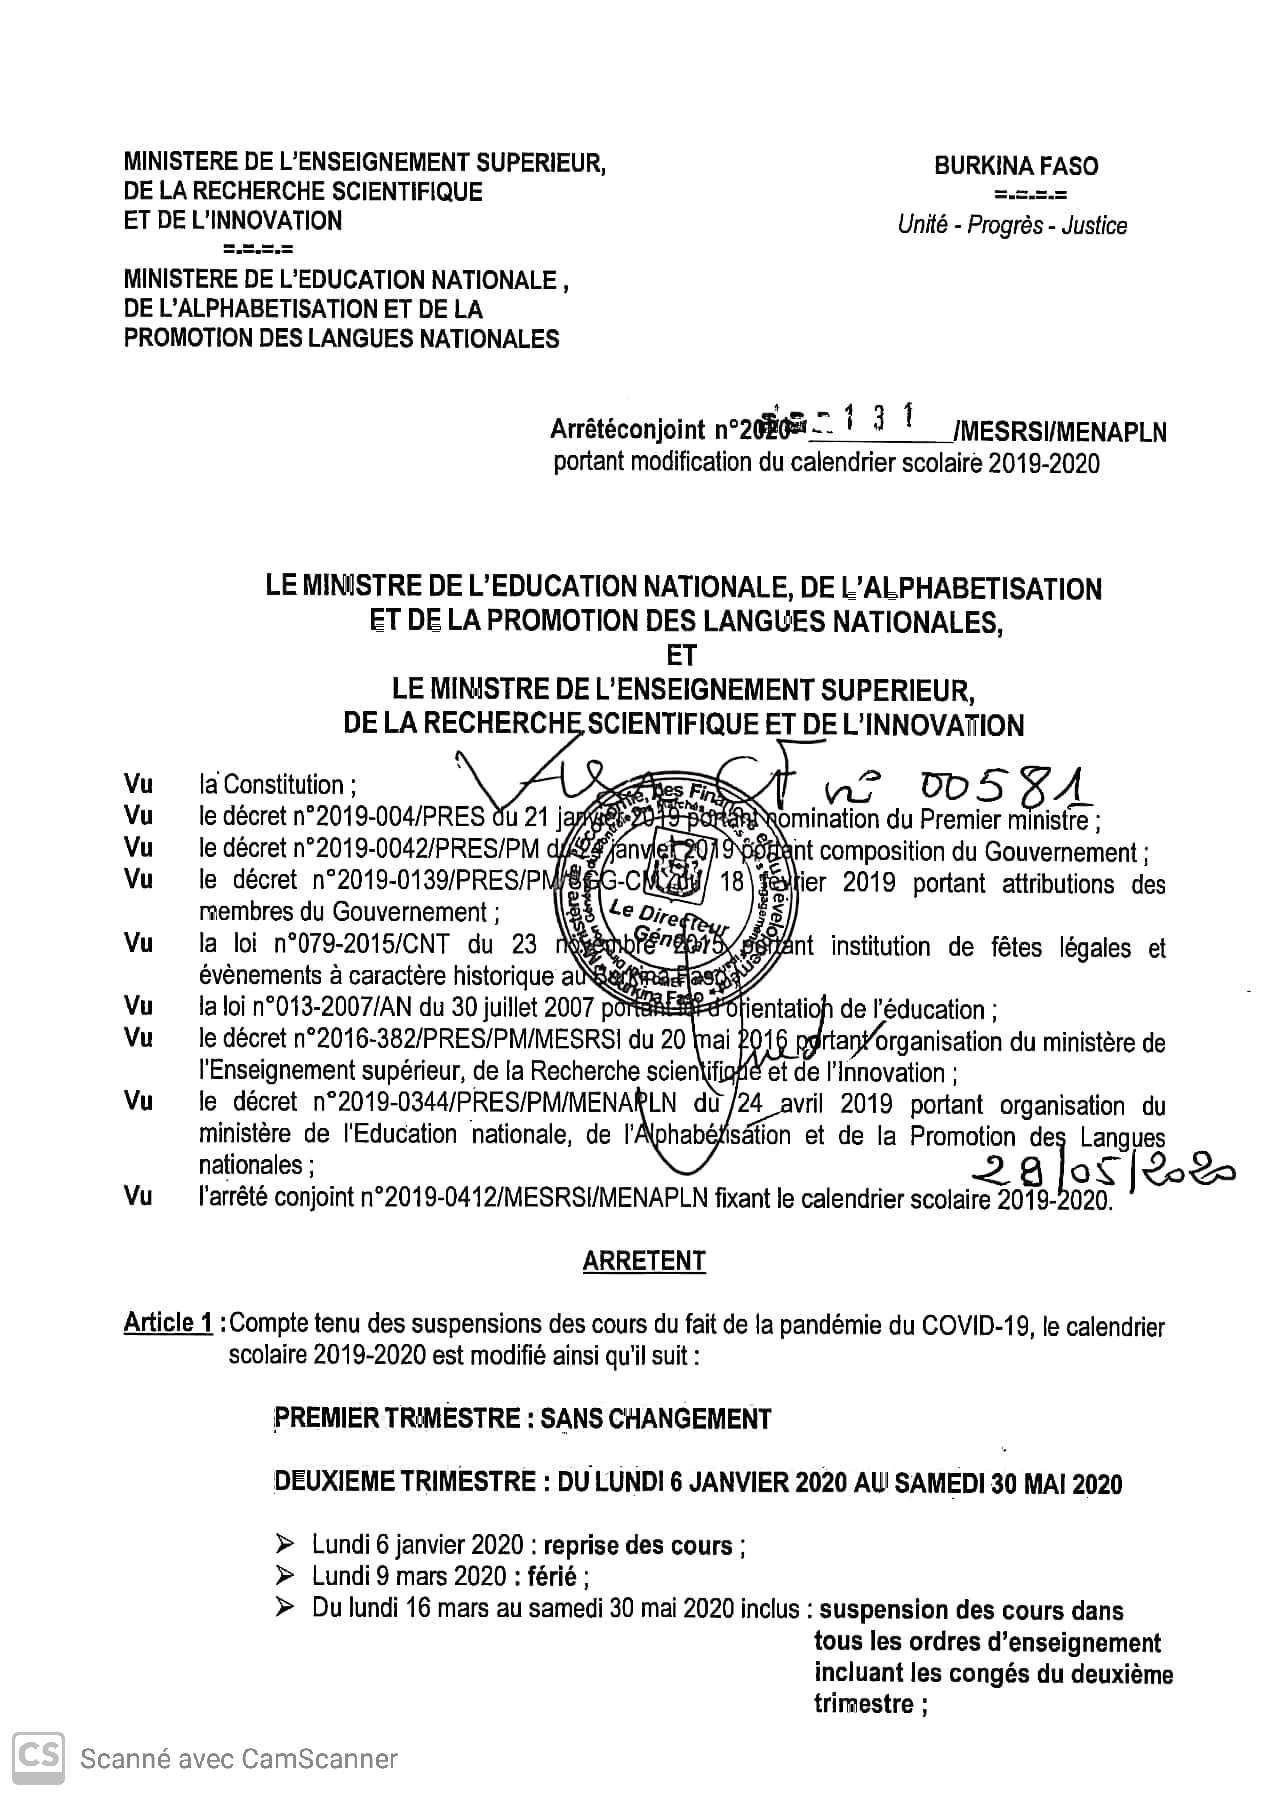 Communiqué : arrêter conjoint MERSI / MENAPL portant modification